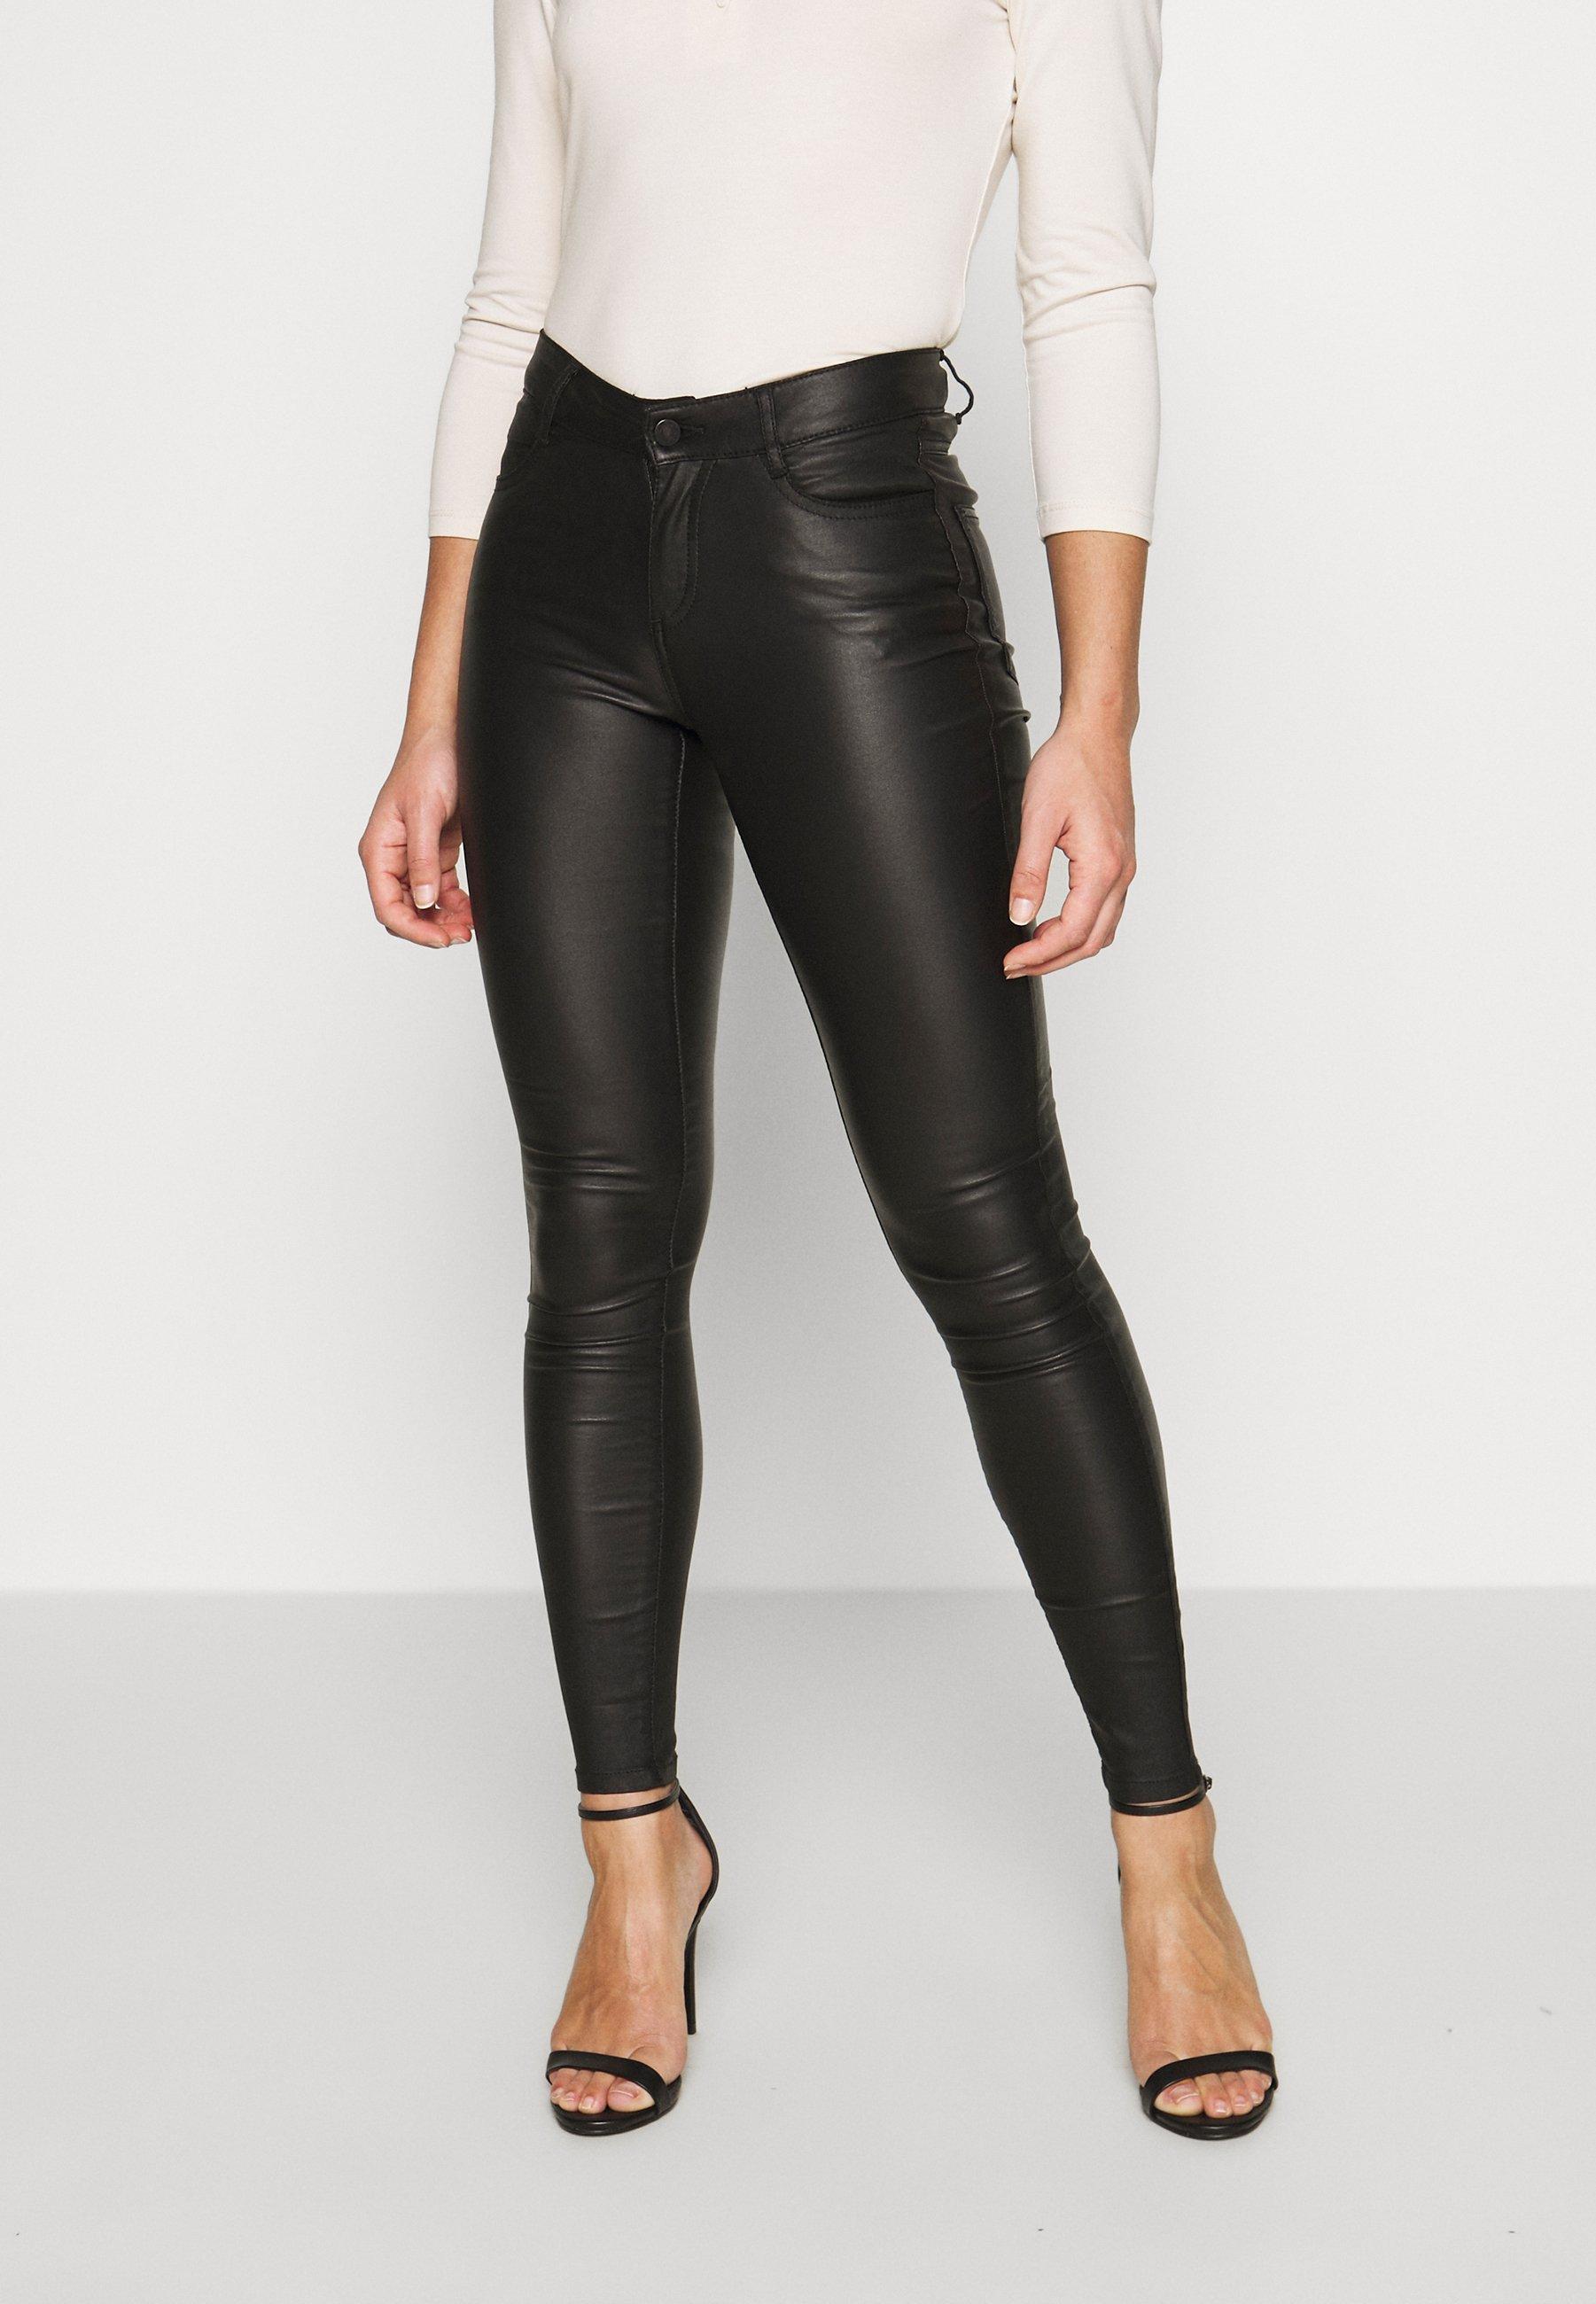 Femme VICOMMIT COATED NEW PANT - Pantalon classique